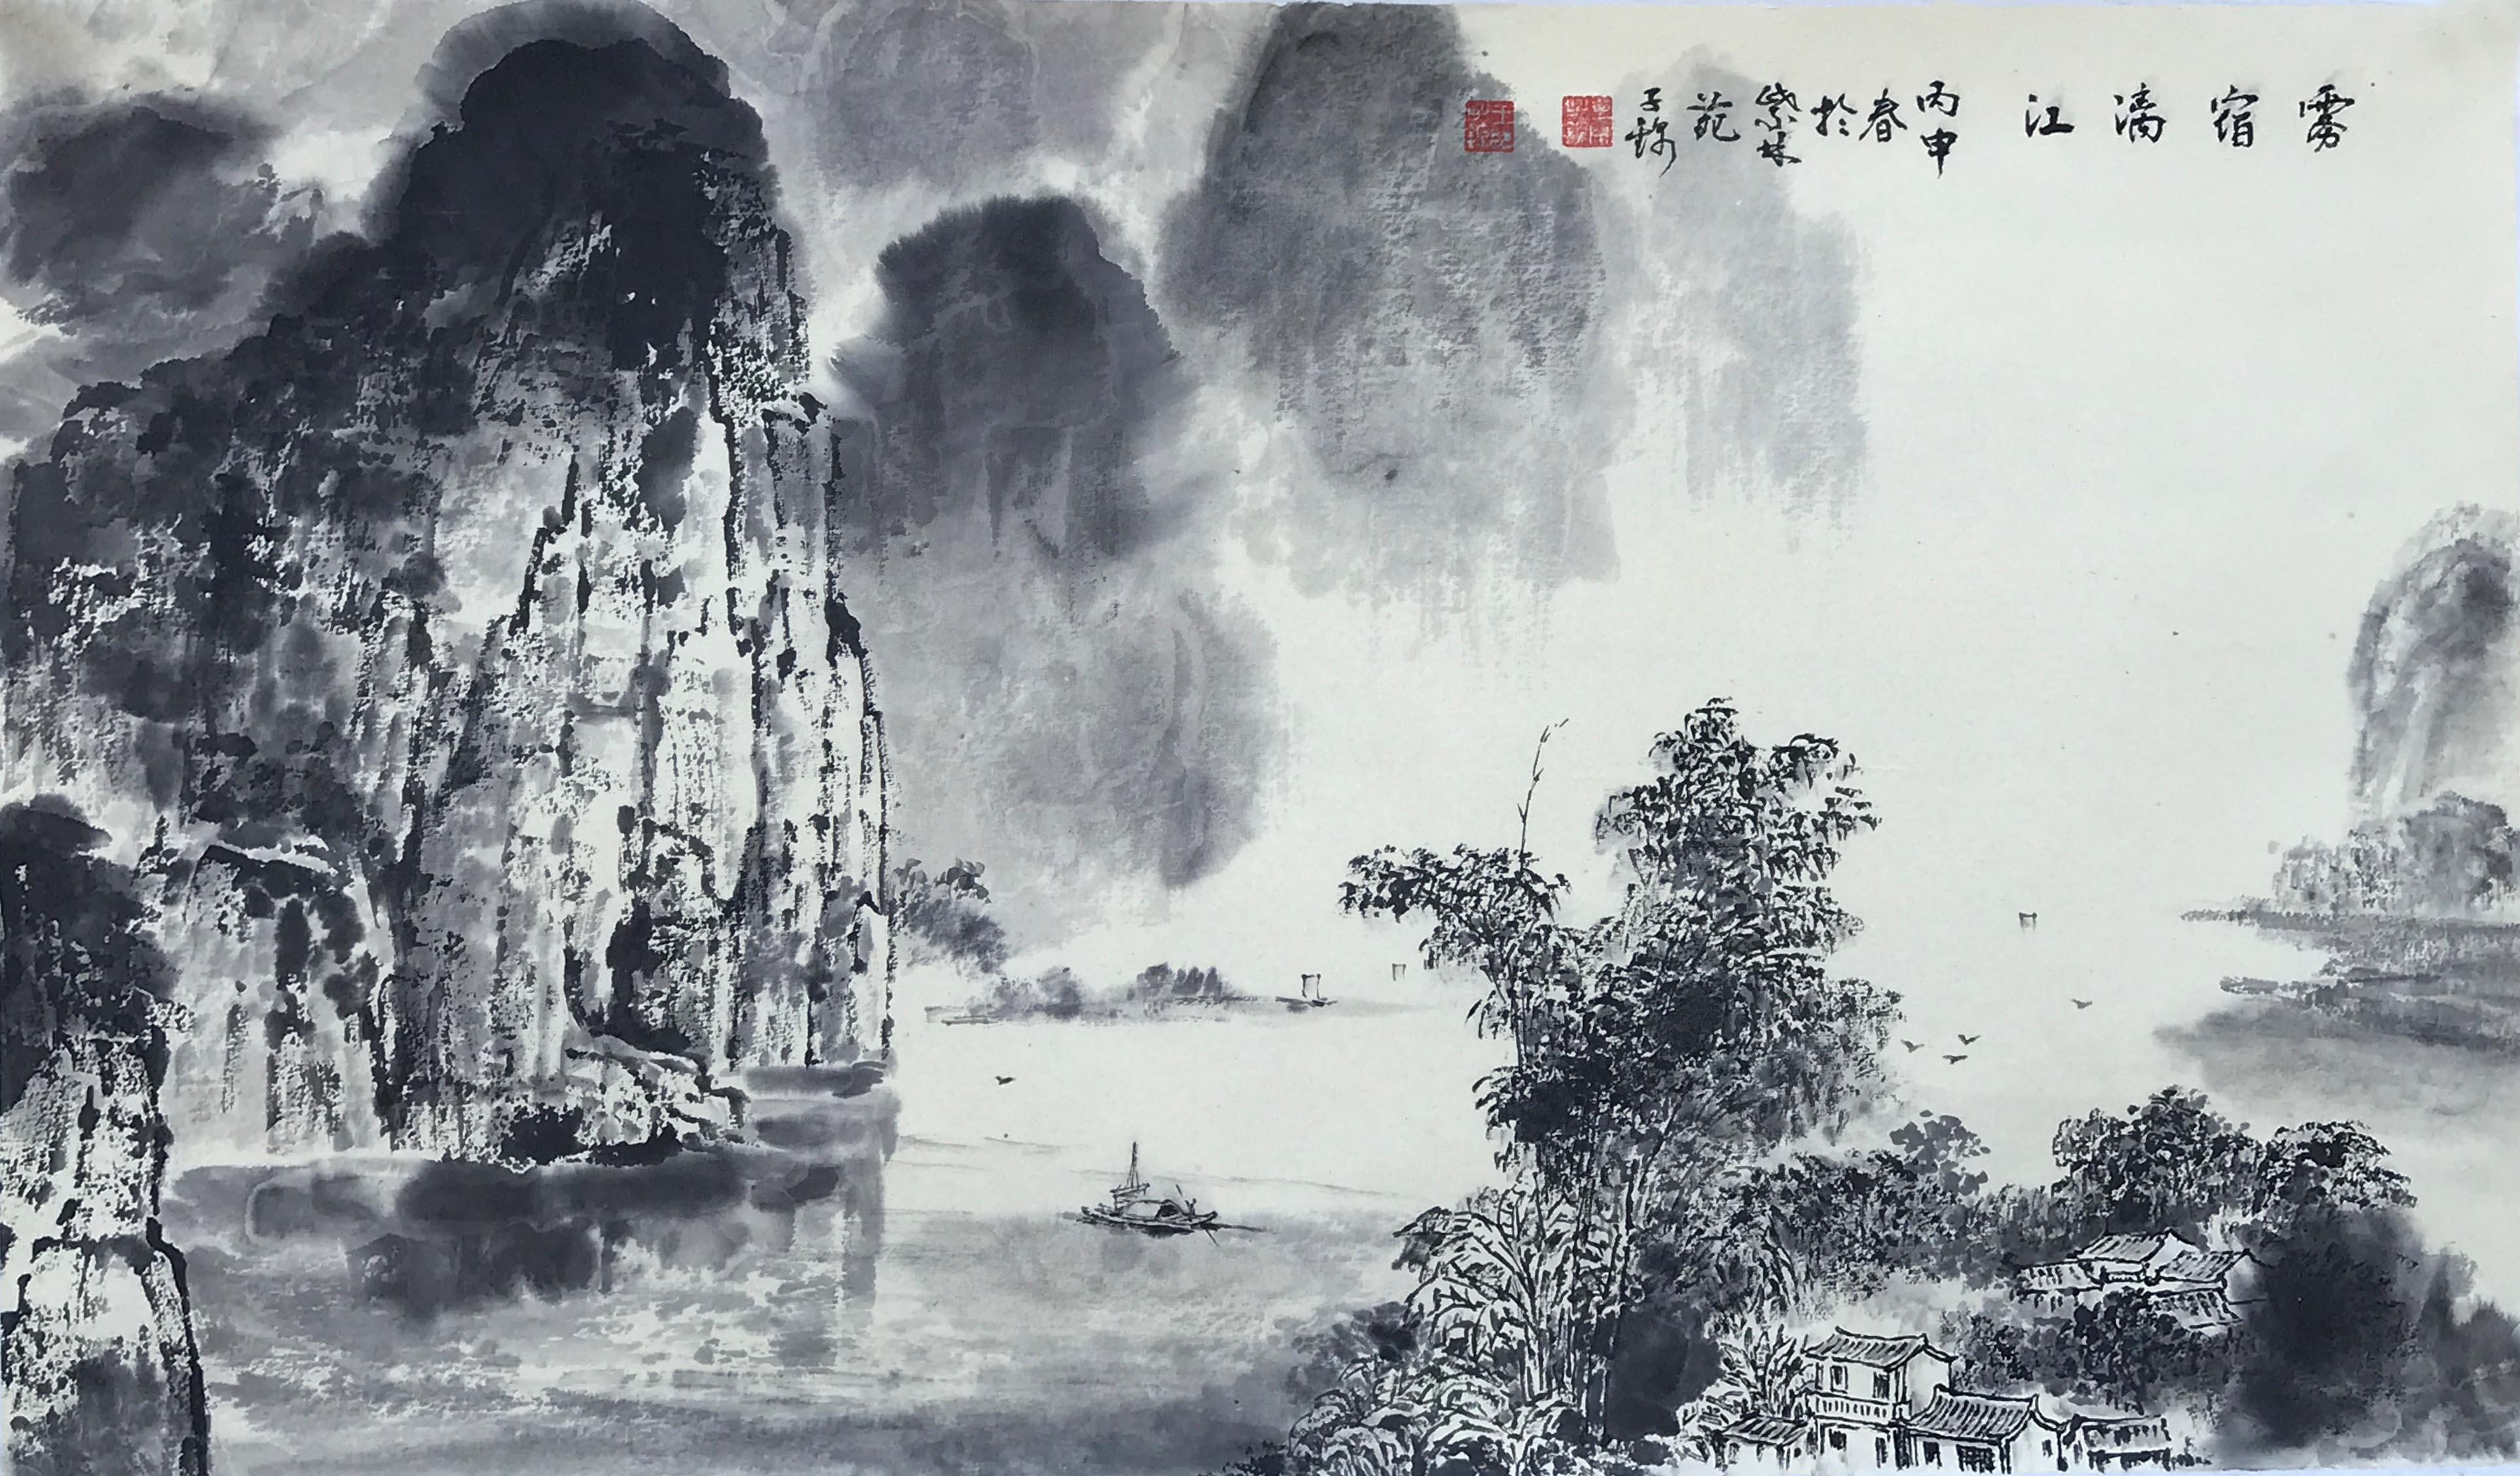 王子锦山水画作品